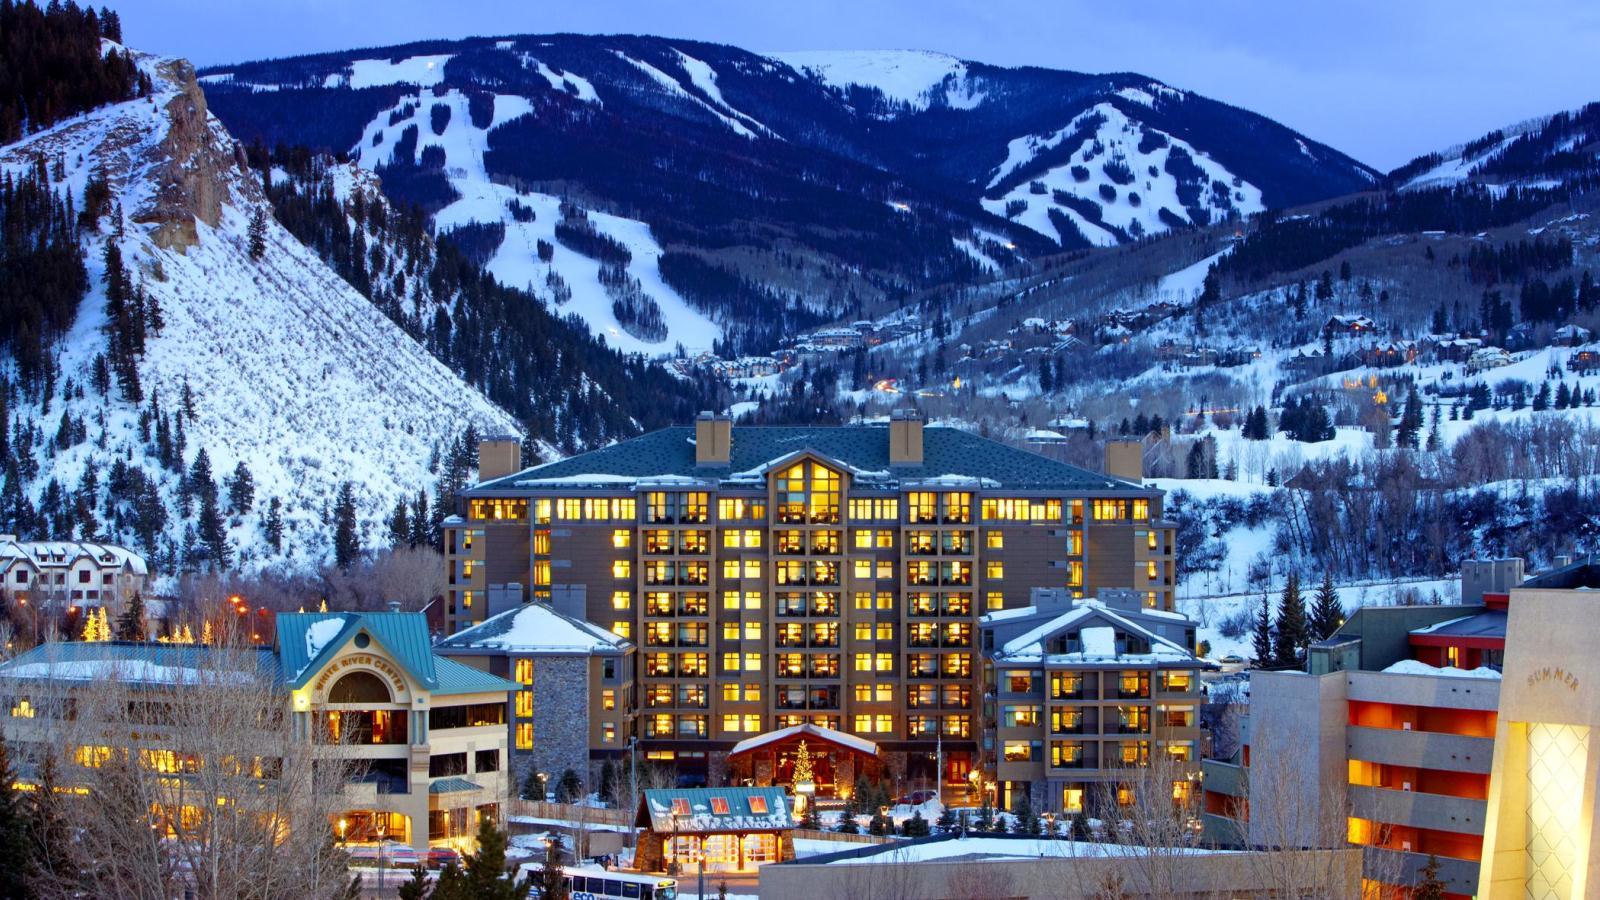 Westin Riverfront Resort at Beaver Creek Mountain